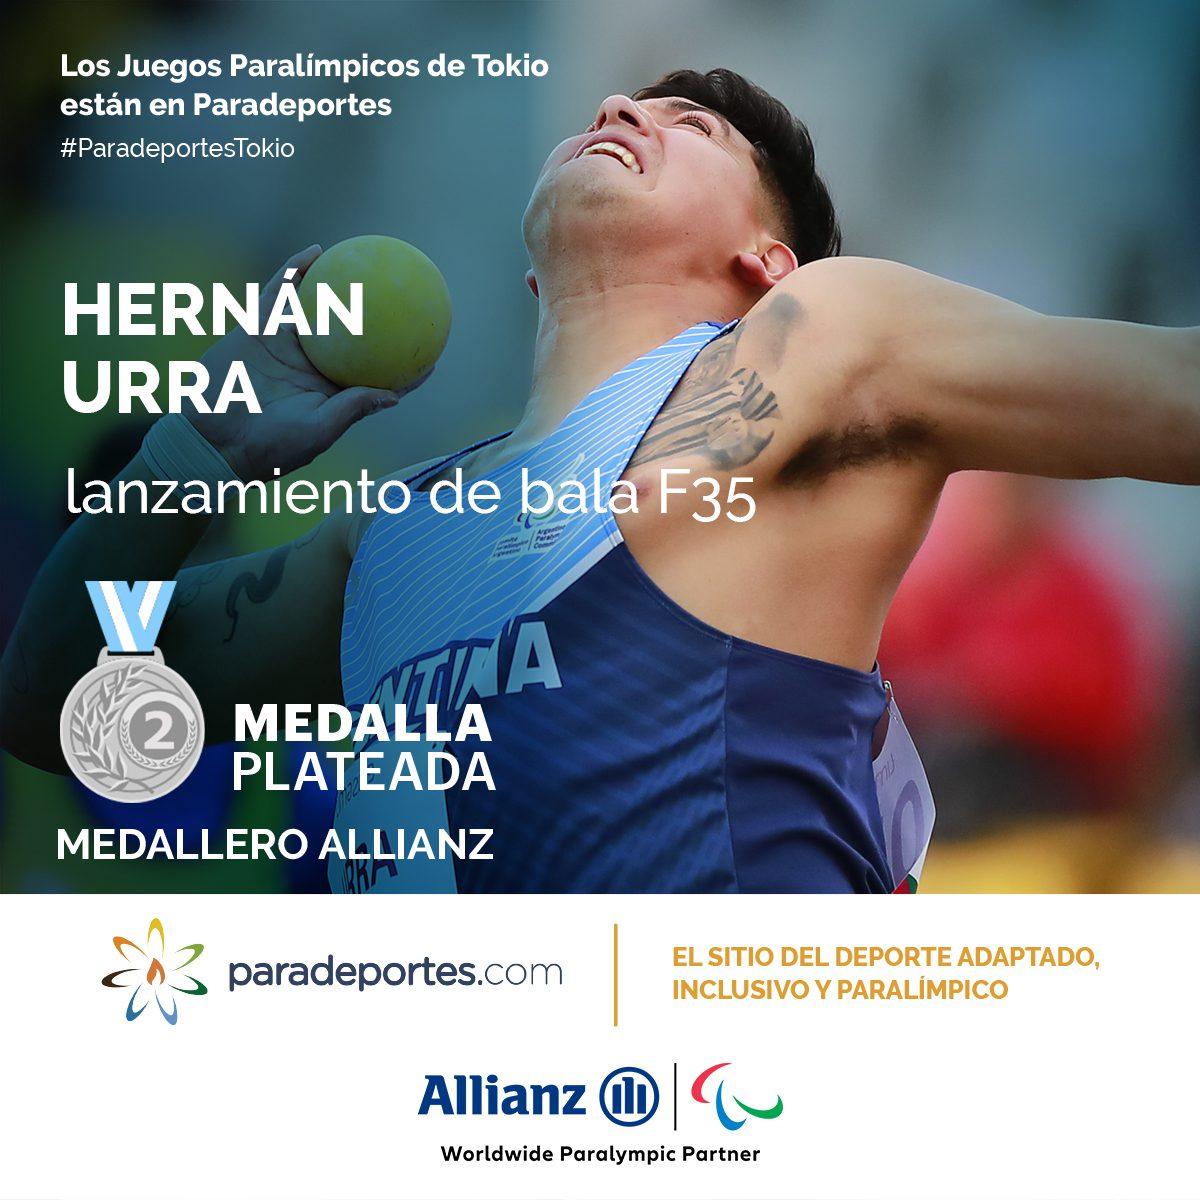 Juegos Paralímpicos: ¡Hernán Urra, medalla plateada en lanzamiento de bala!